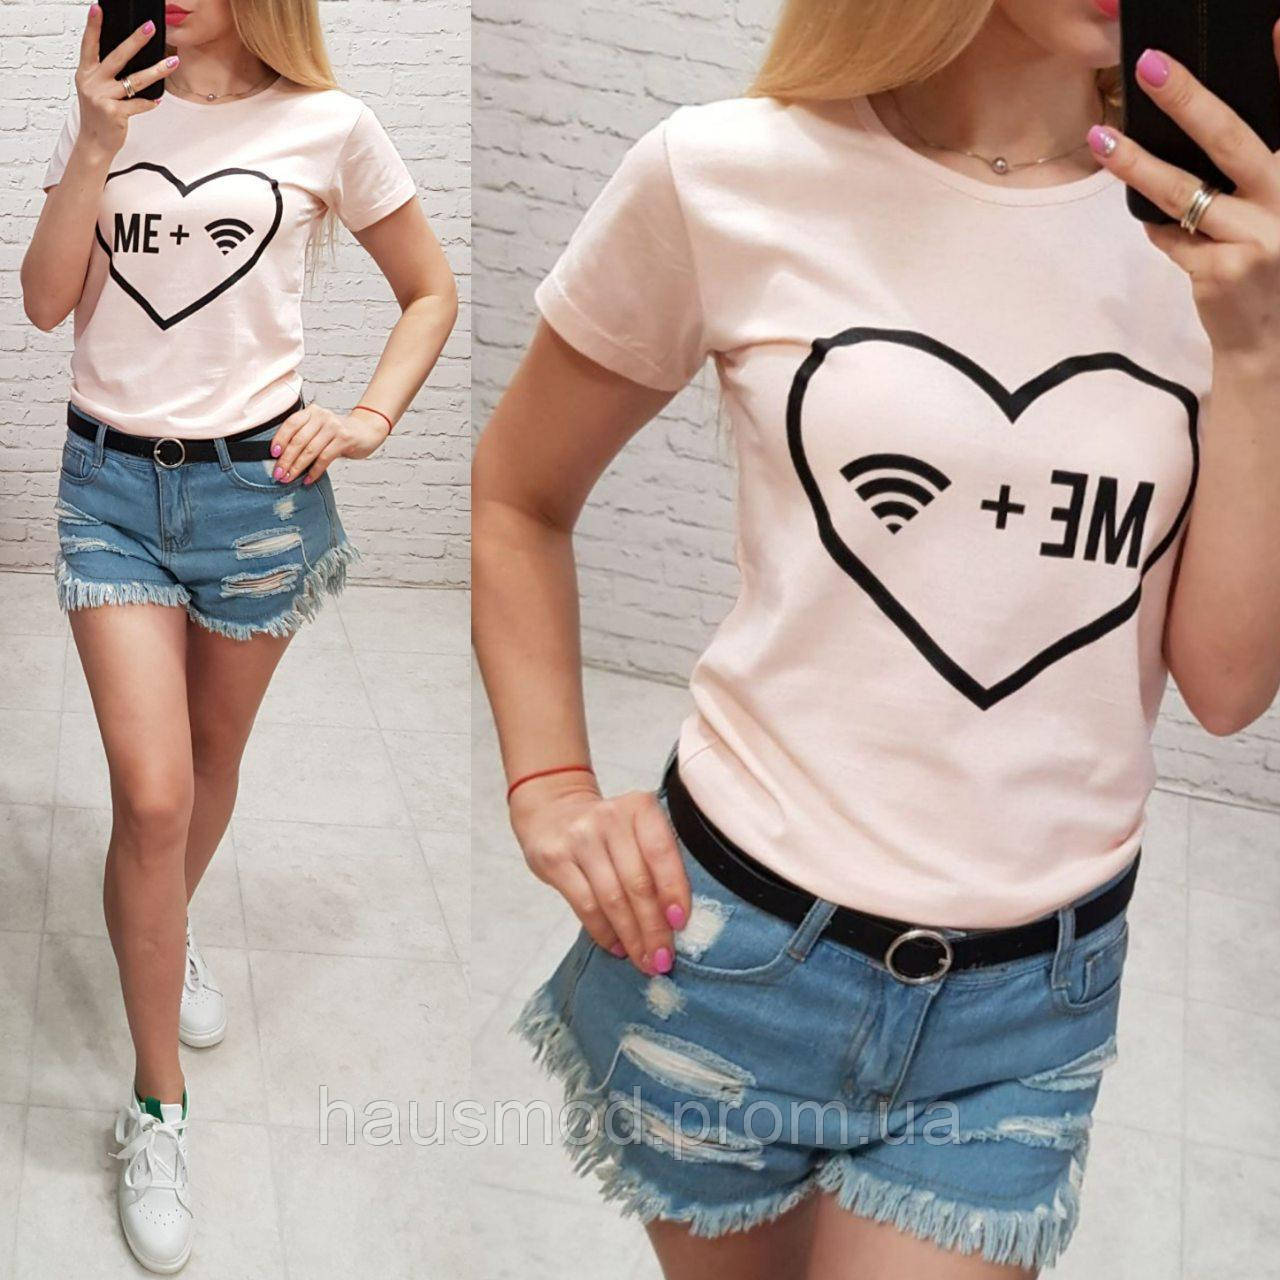 Женская футболка летняя качество Me + Wifi турция 100% катон цвет кремовый